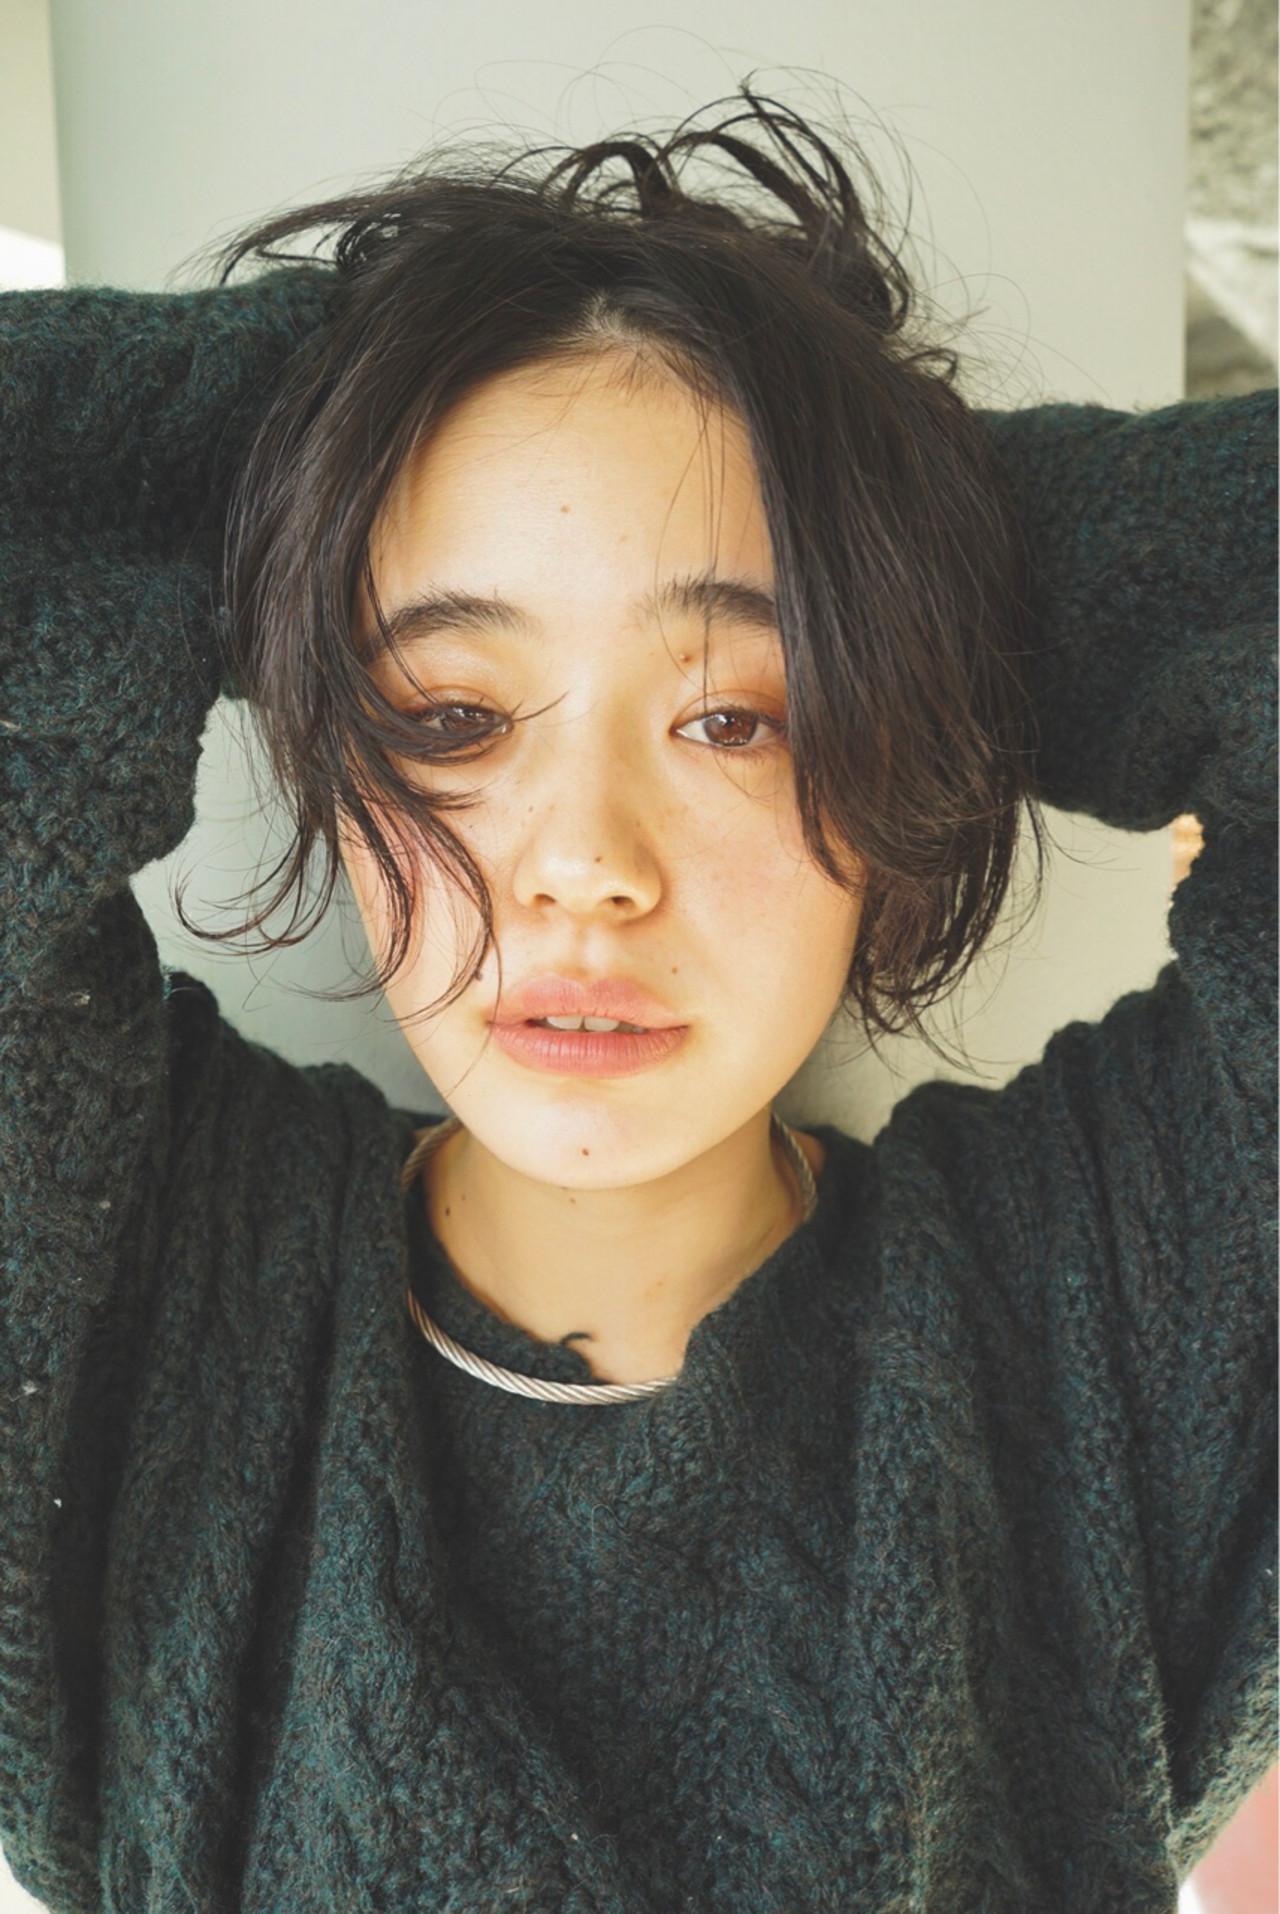 似合わせ パーマ ショート マッシュ ヘアスタイルや髪型の写真・画像 | 佐野 正人 / nanuk / nanuk